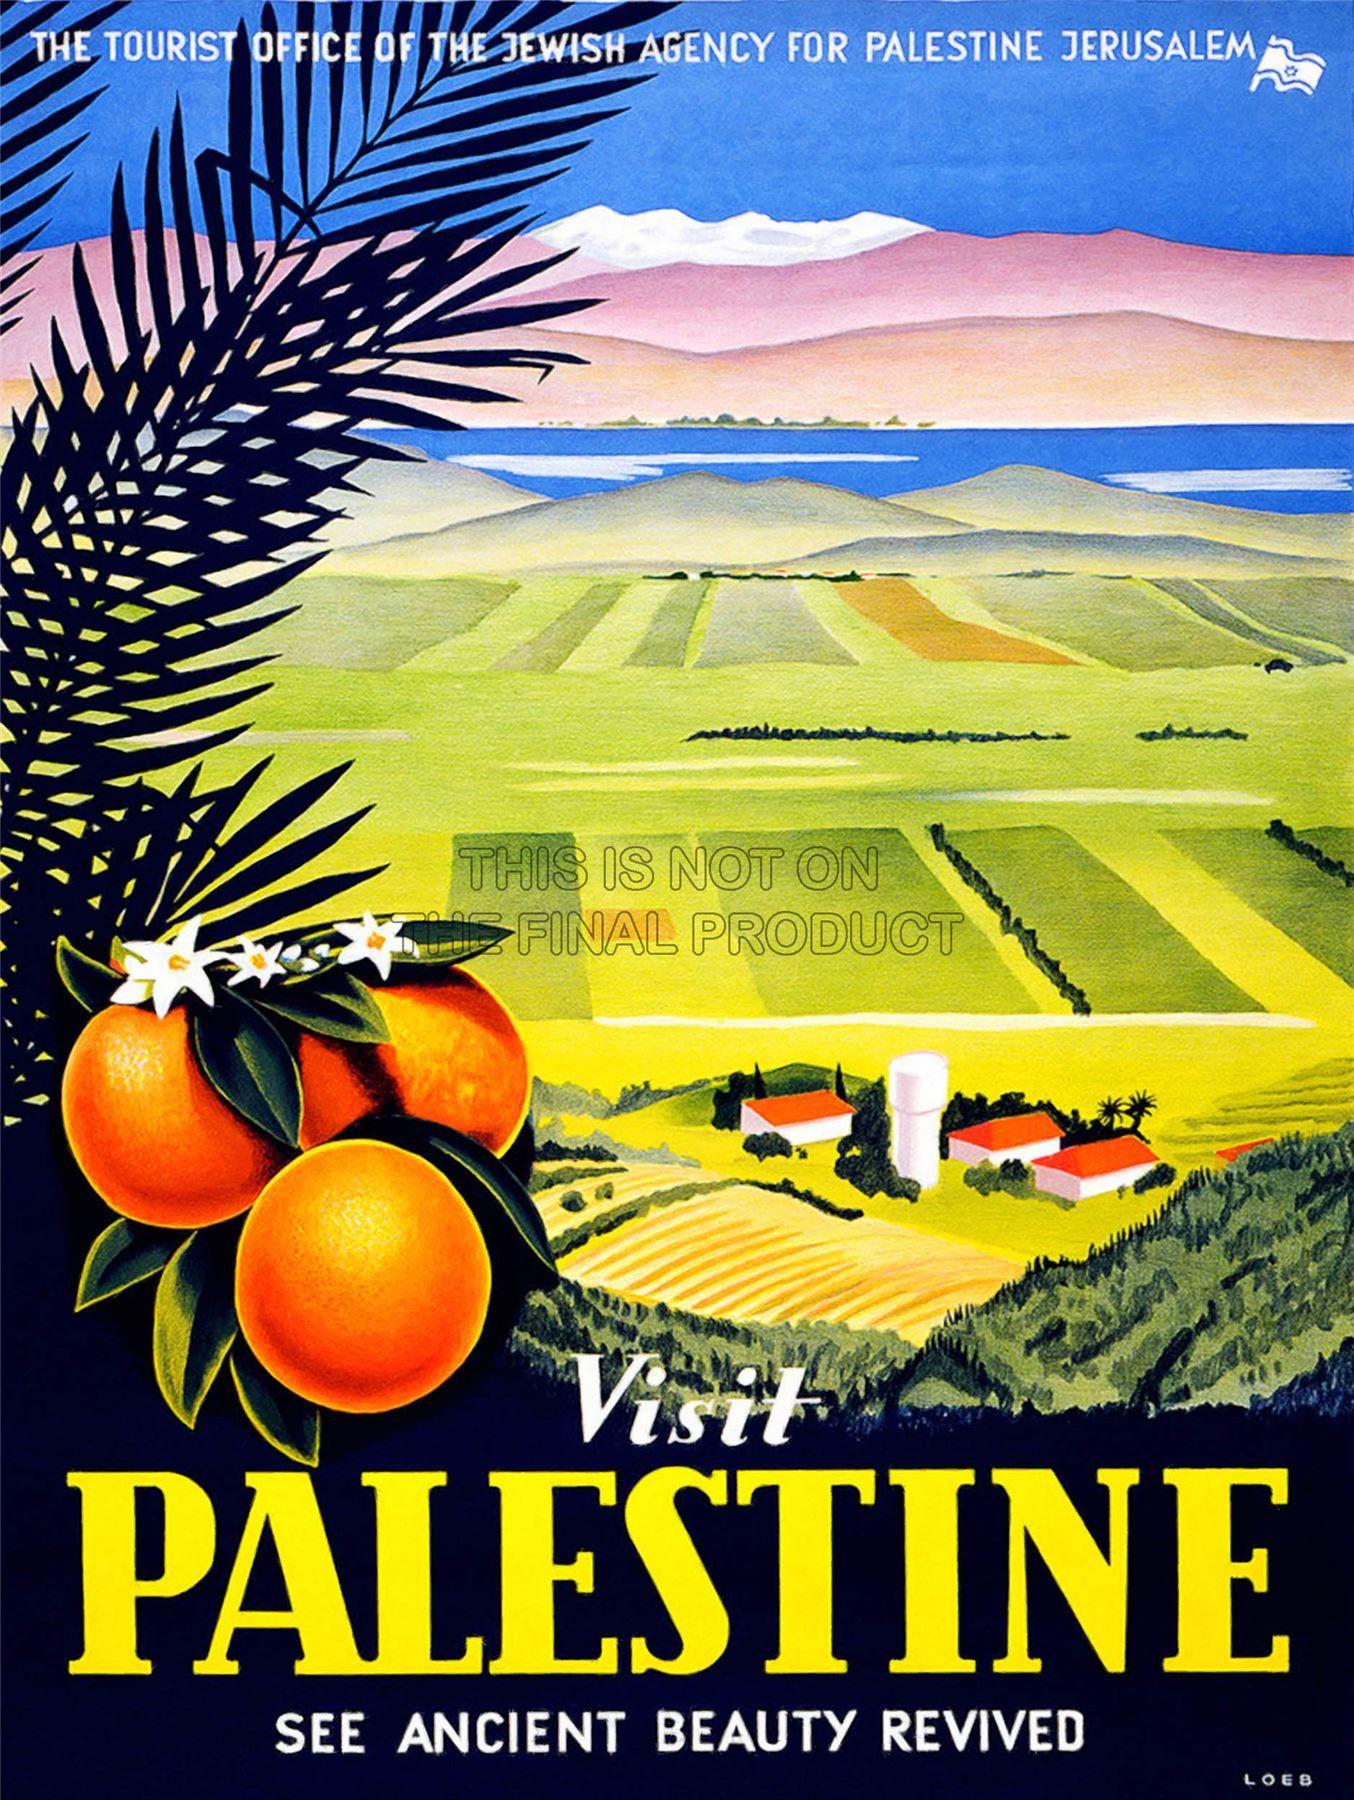 TRAVEL VISIT PALESTINE JERUSALEM ORANGE ISRAEL VINTAGE POSTER ART ...